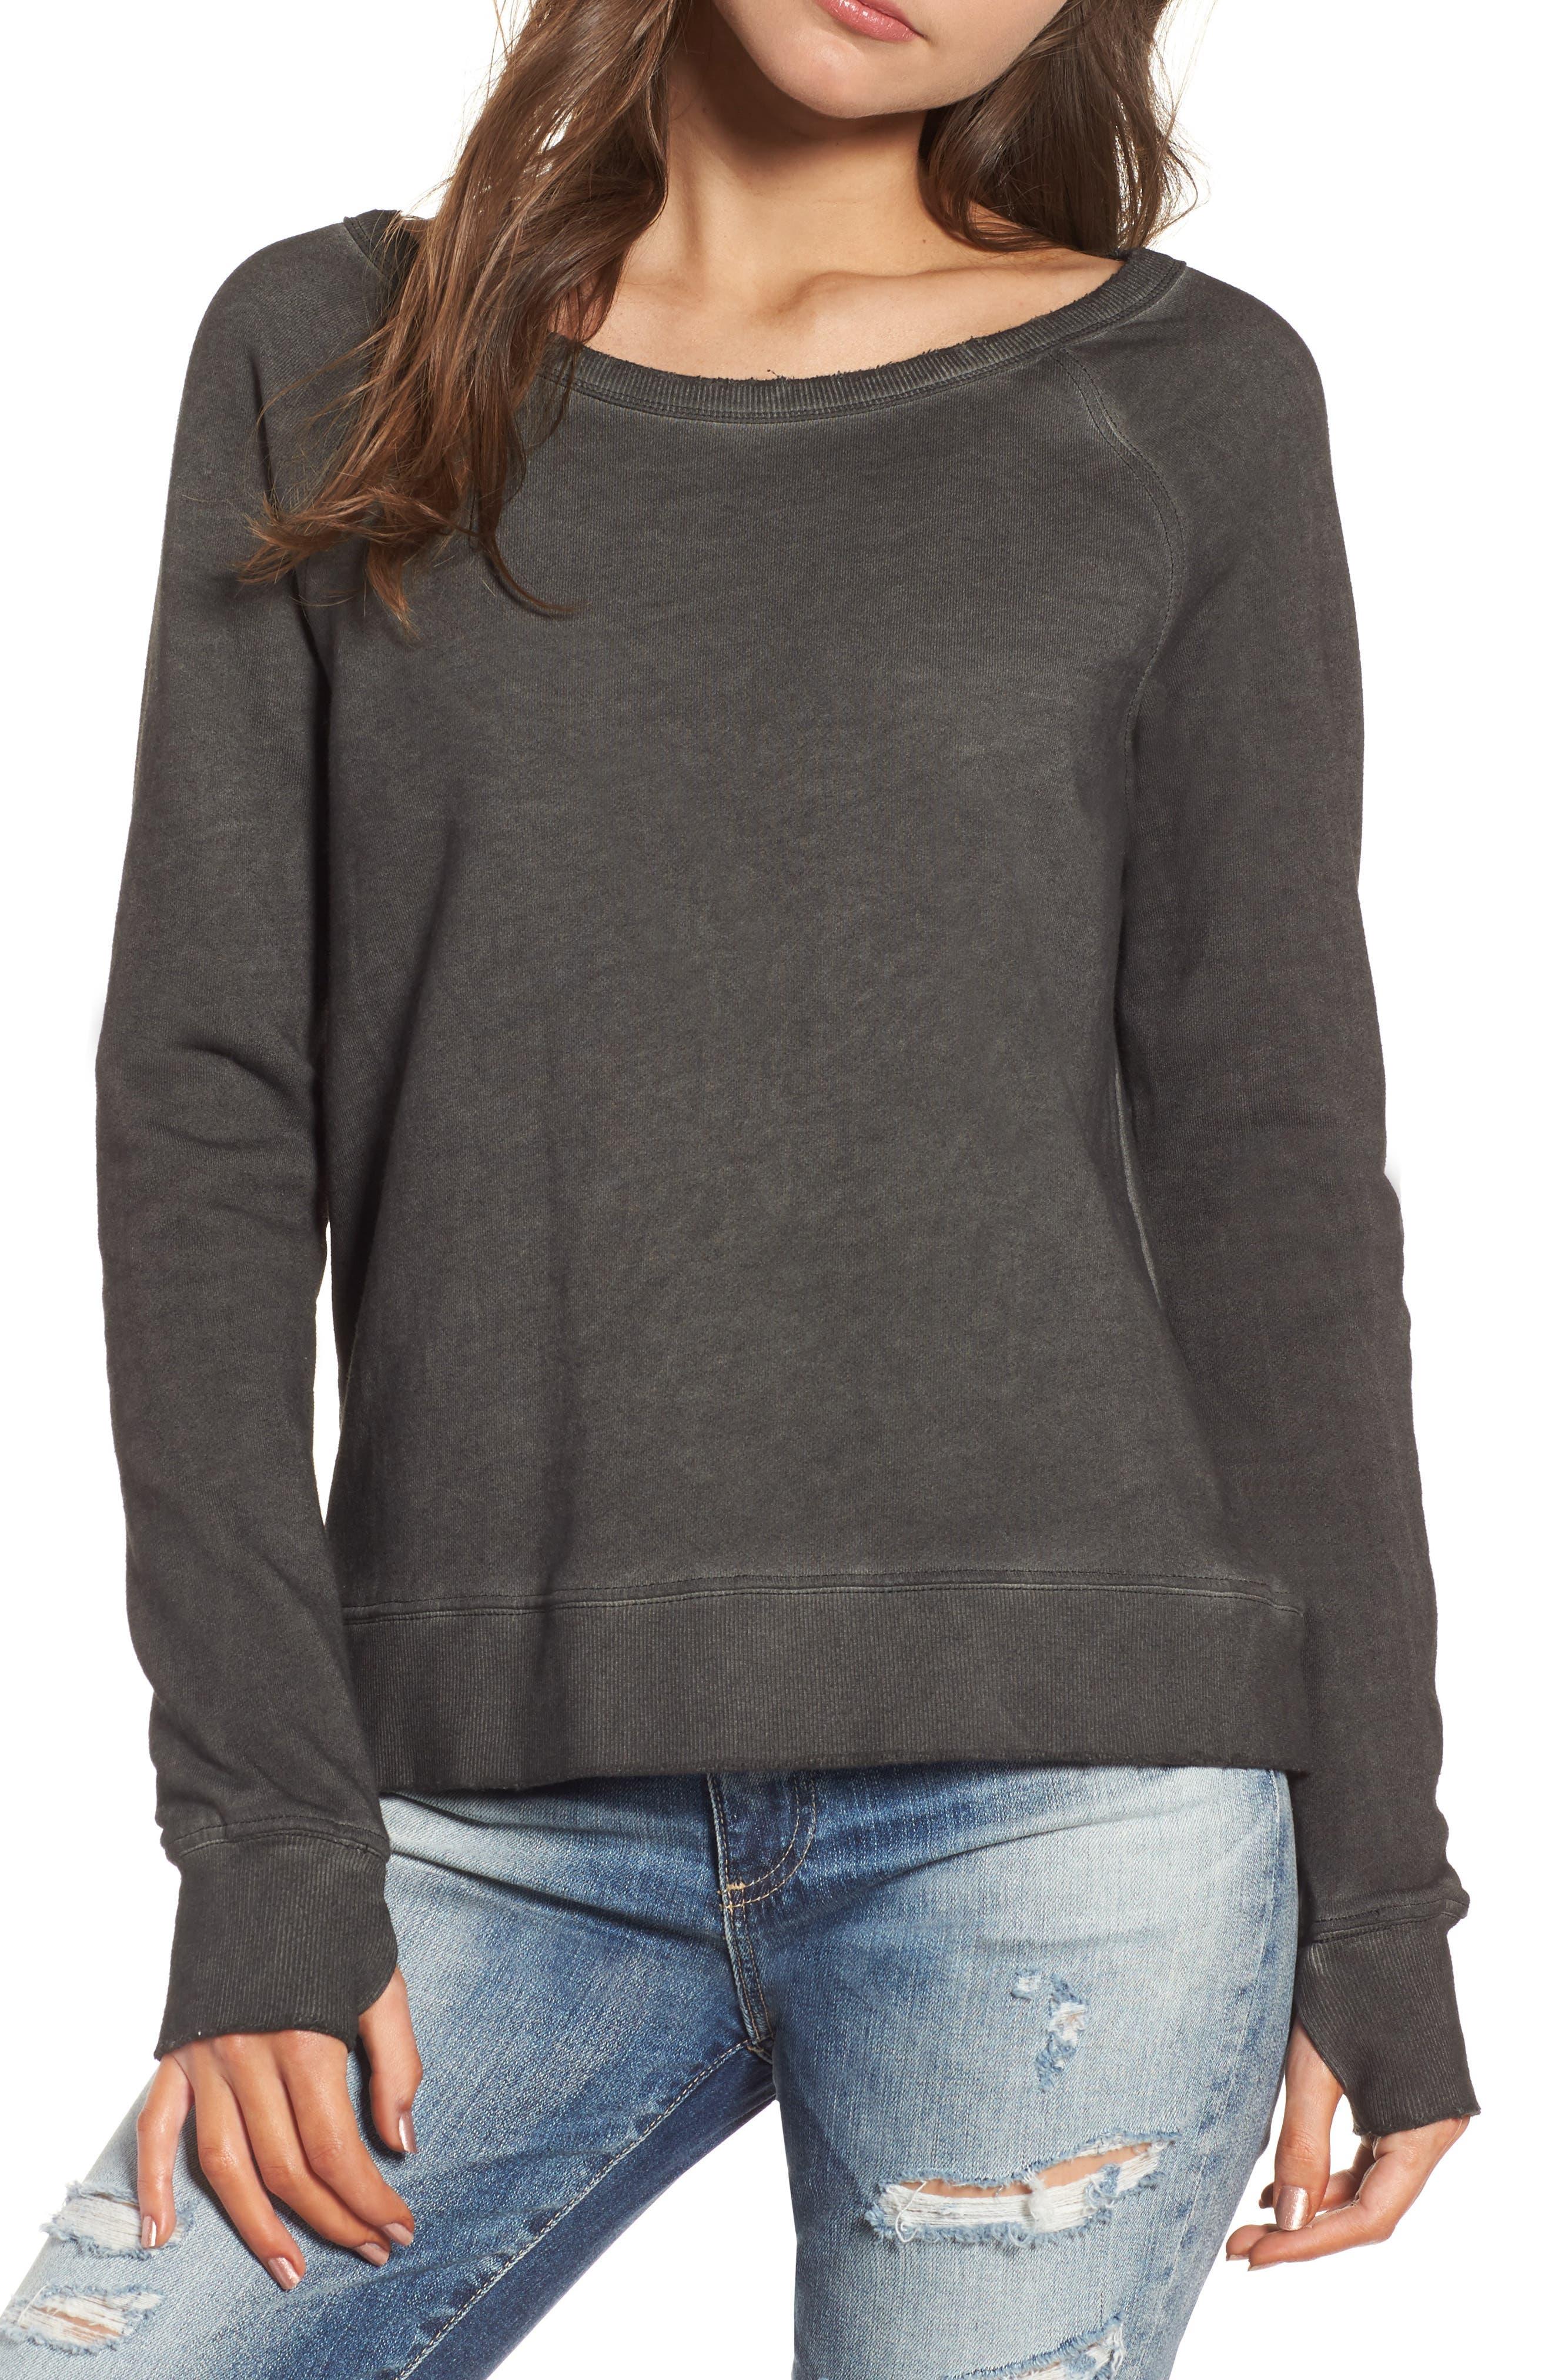 Main Image - Pam & Gela Lace-Up Sweatshirt